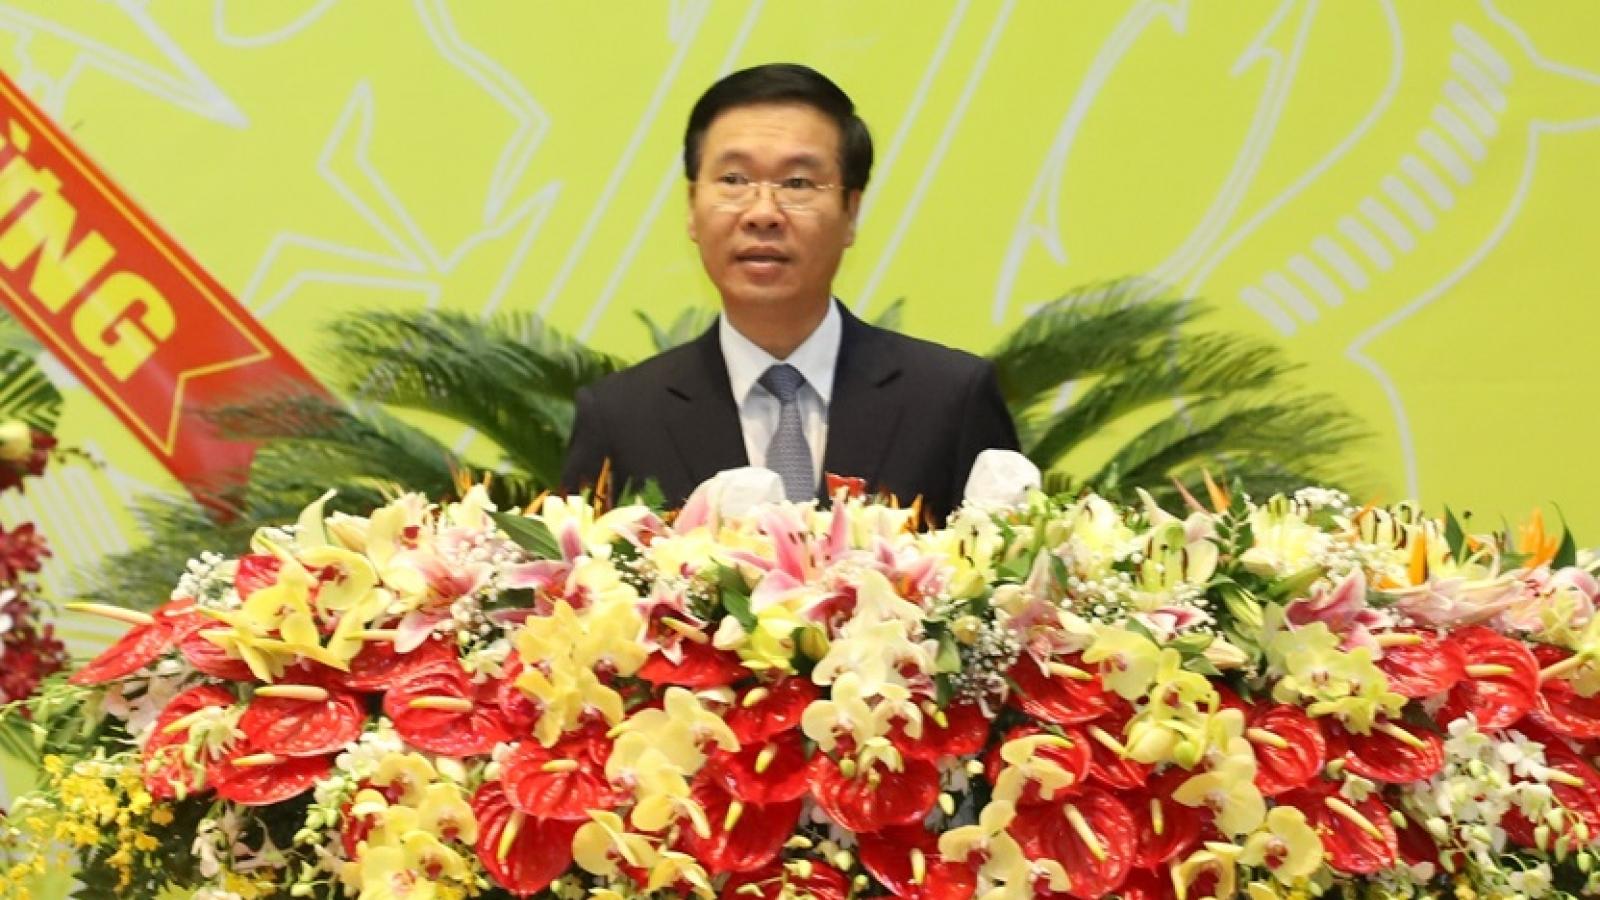 Ông Võ Văn Thưởng dự và chỉ đạo Đại hội đảng bộ tỉnh Bình Dương